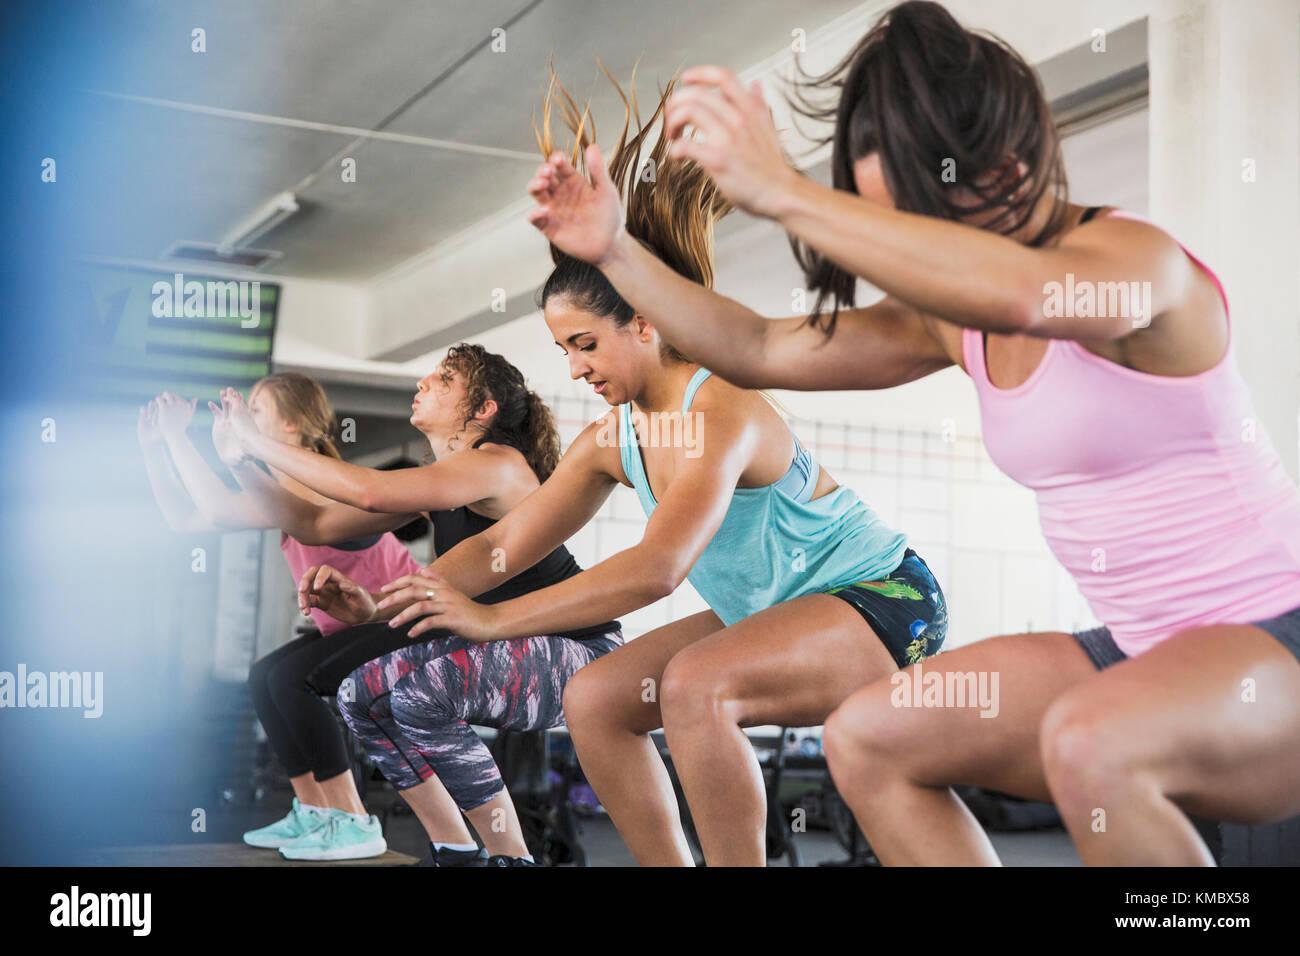 Les jeunes femmes faisant sauter accroupi en classe d'exercice Photo Stock